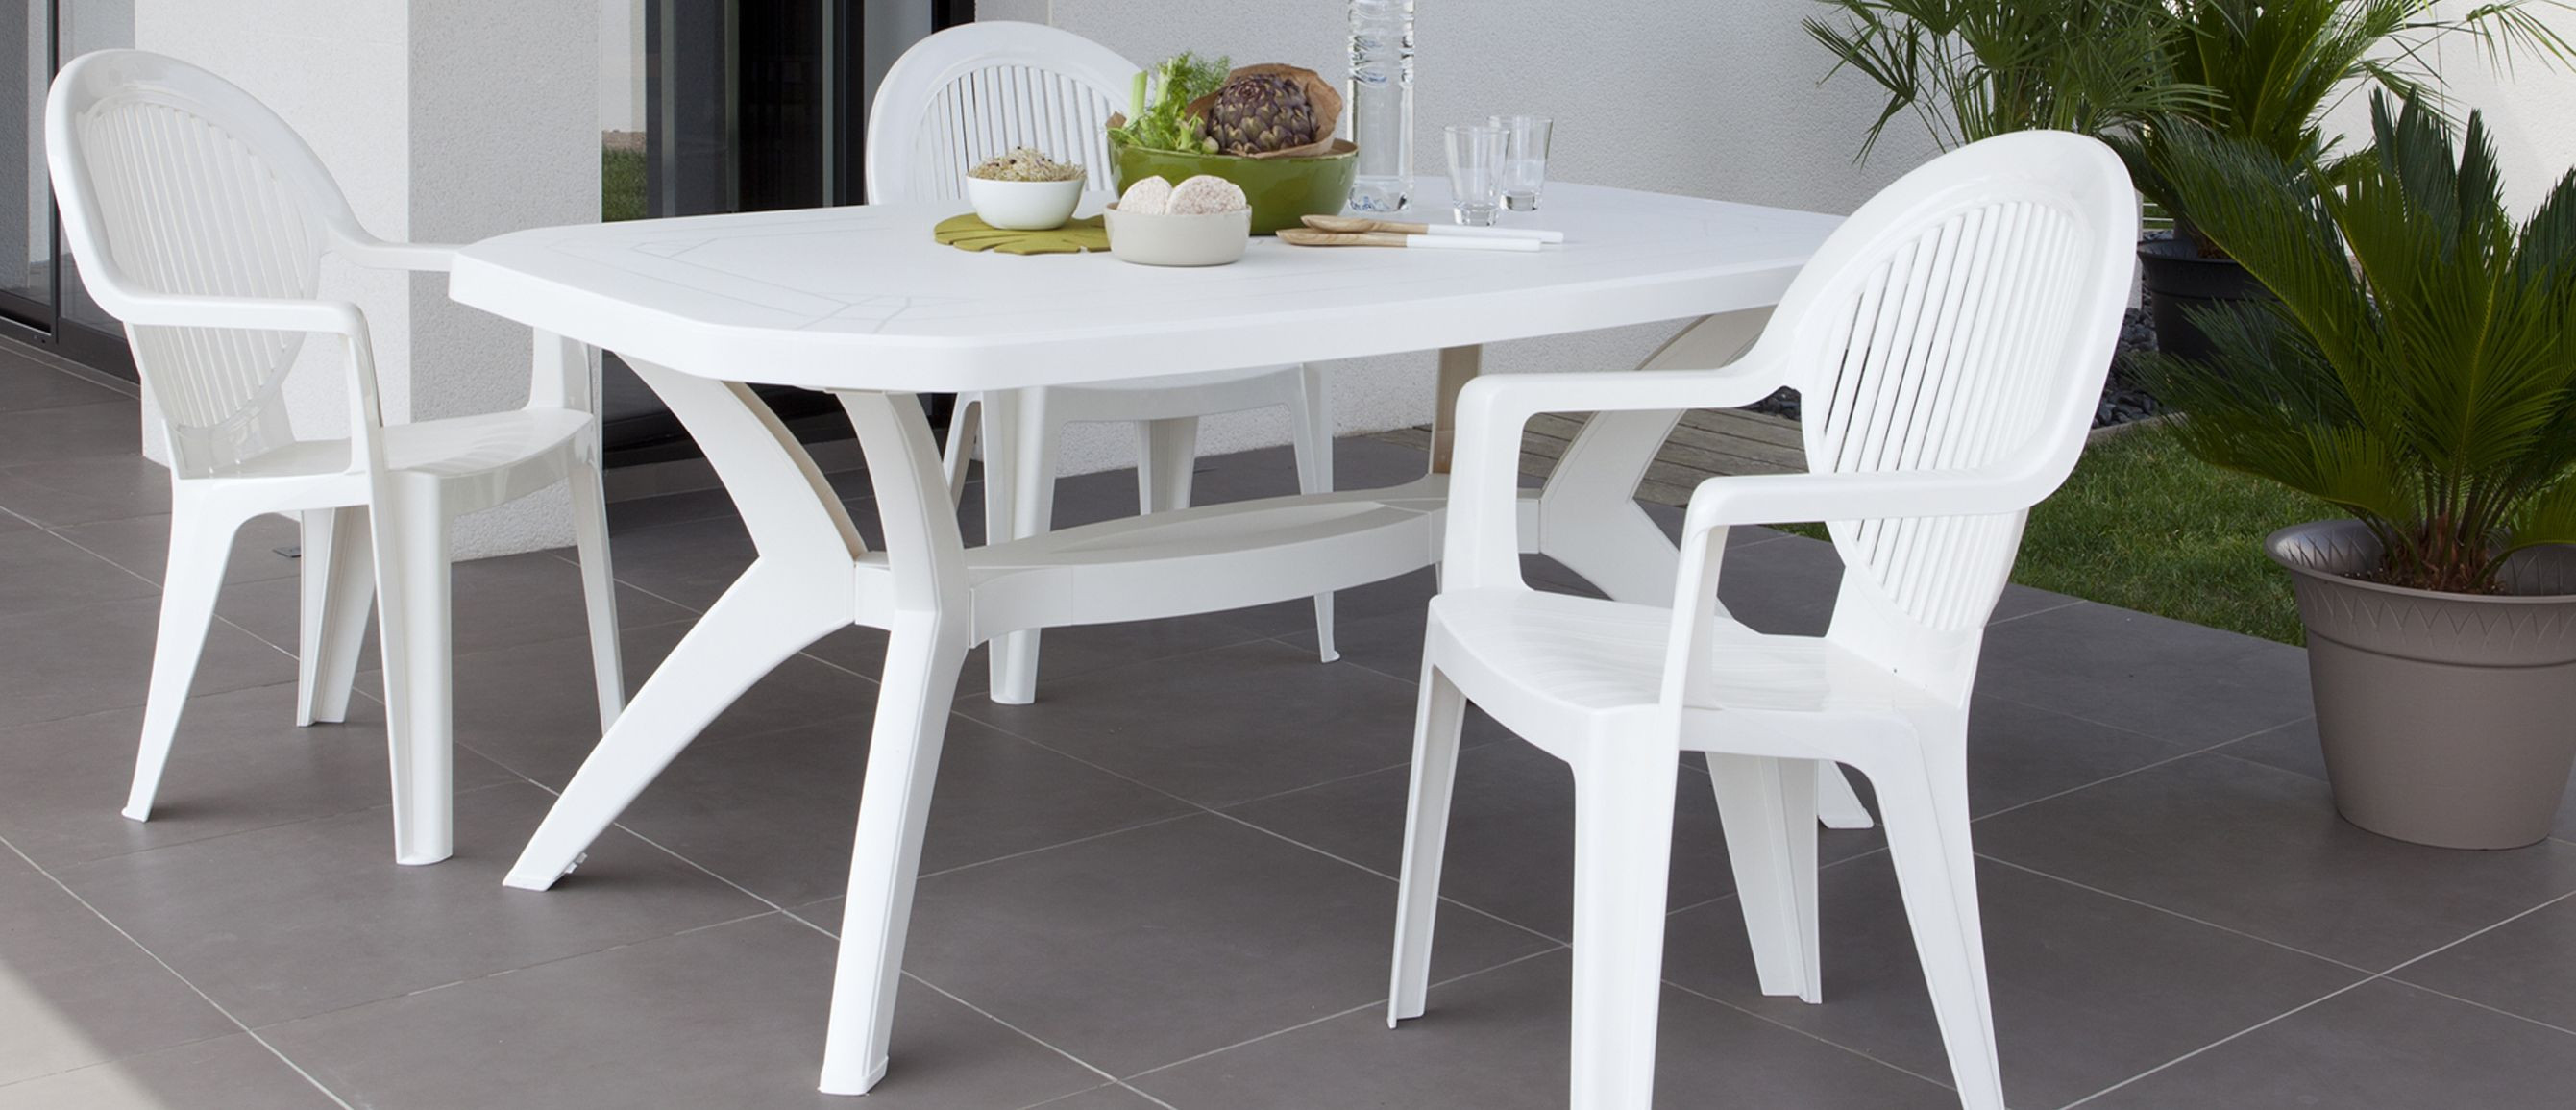 Magasin Usine Grosfillex Beau Images Fauteuil De Jardin Grosfillex Plus Branché Luxe De Table Et Chaise